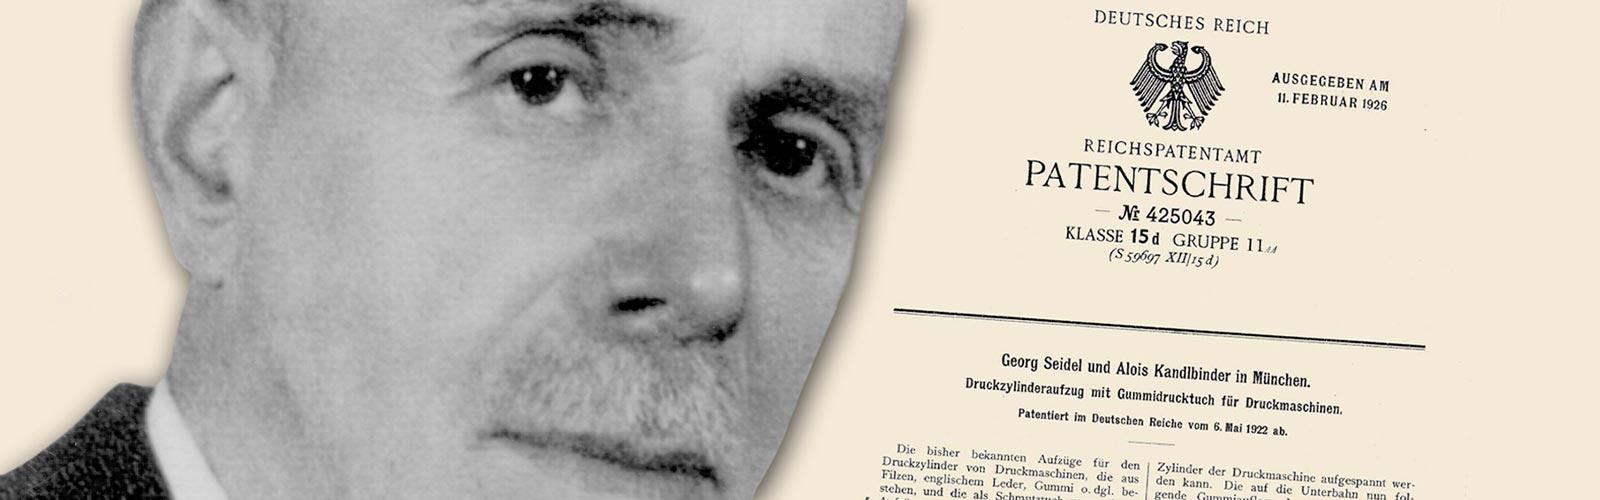 Alois Kandlbinder und sein Patent